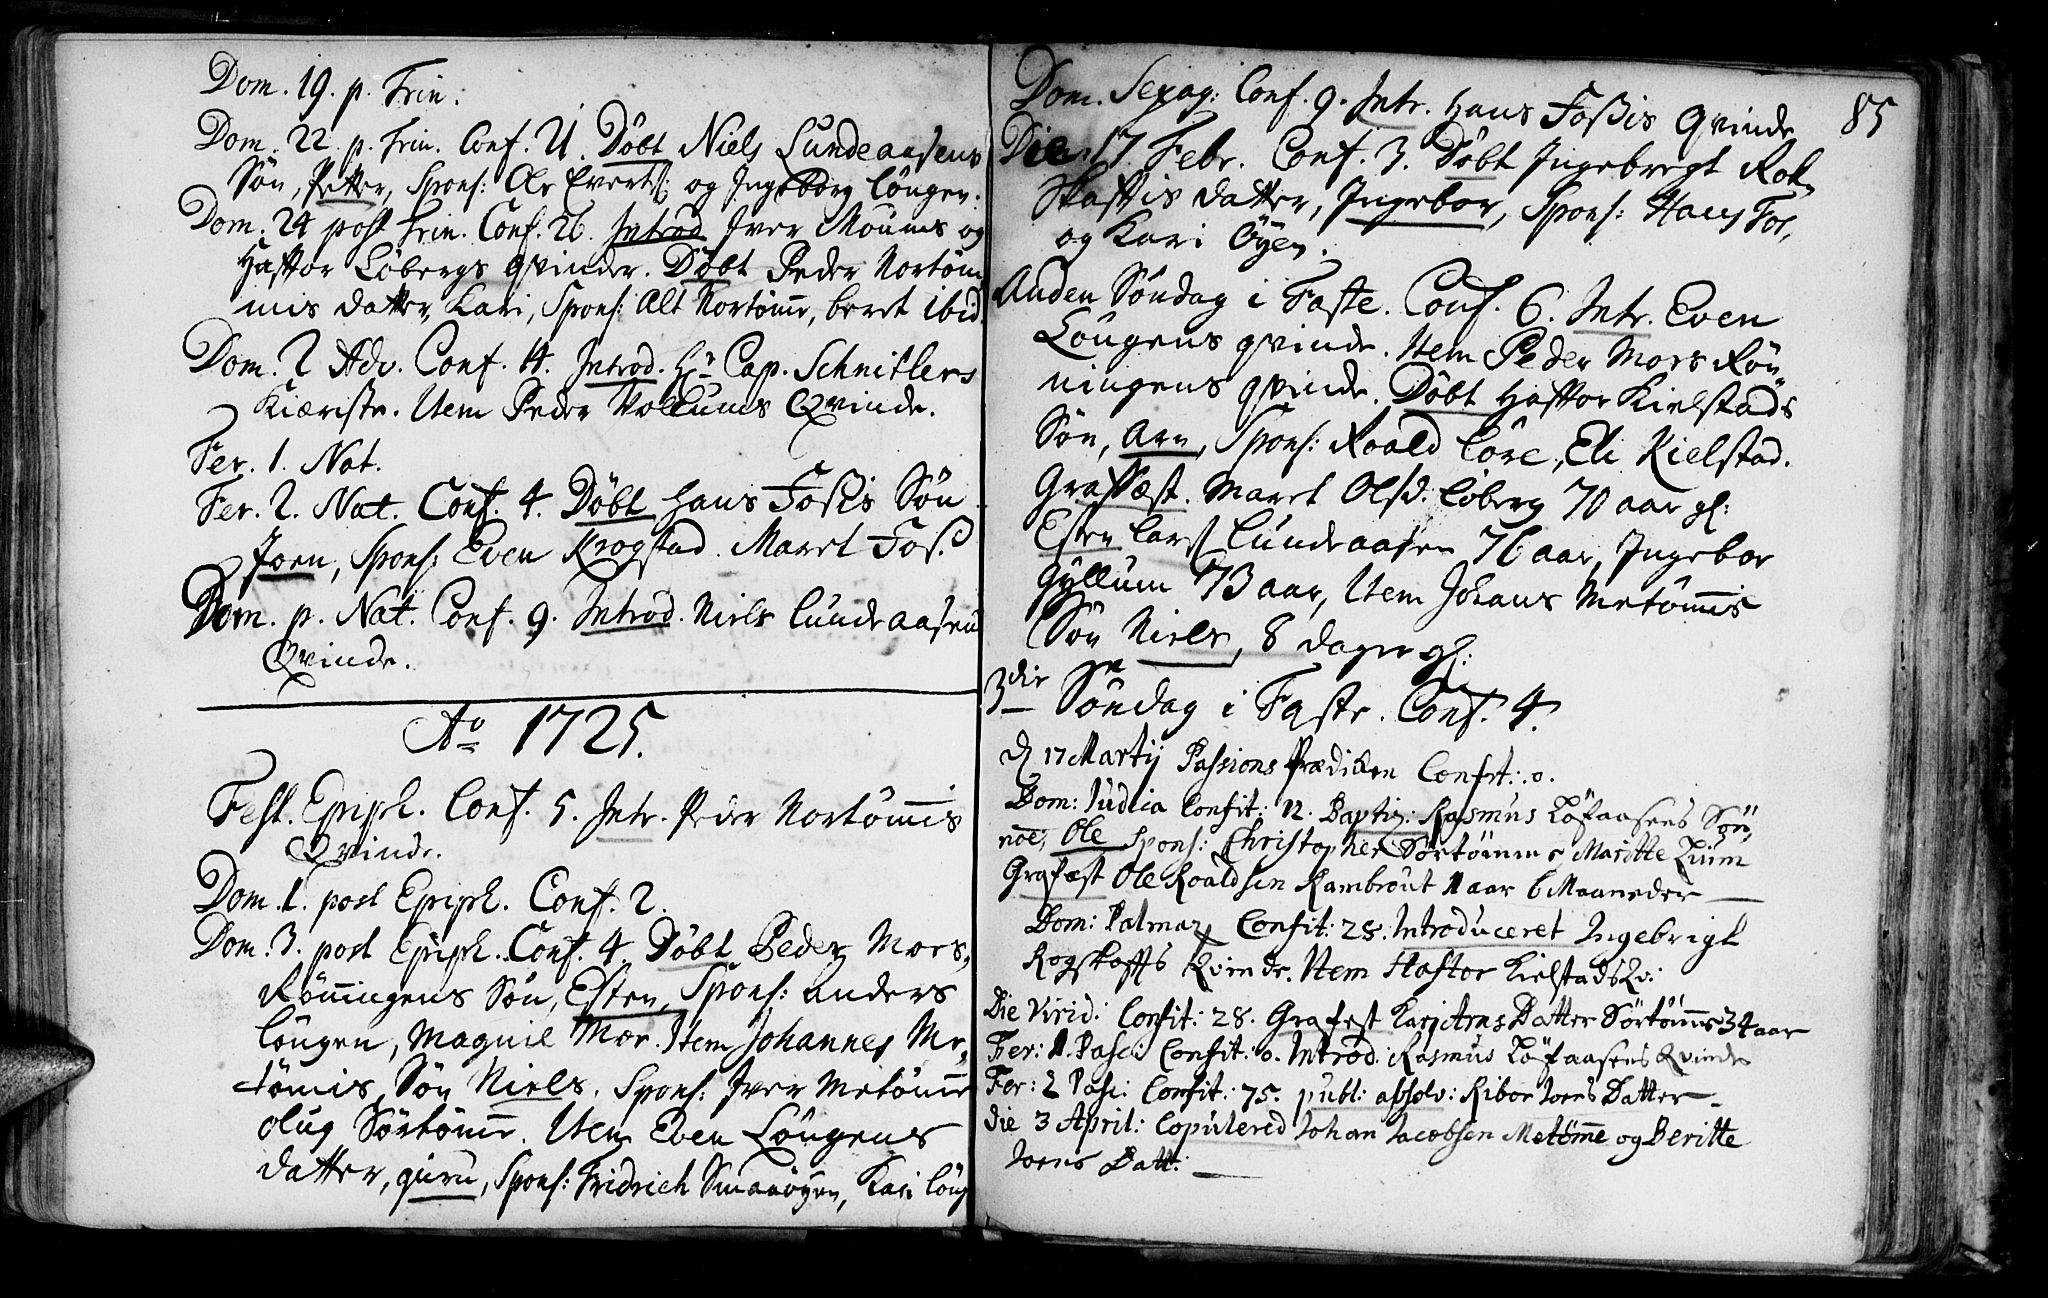 SAT, Ministerialprotokoller, klokkerbøker og fødselsregistre - Sør-Trøndelag, 692/L1101: Ministerialbok nr. 692A01, 1690-1746, s. 85